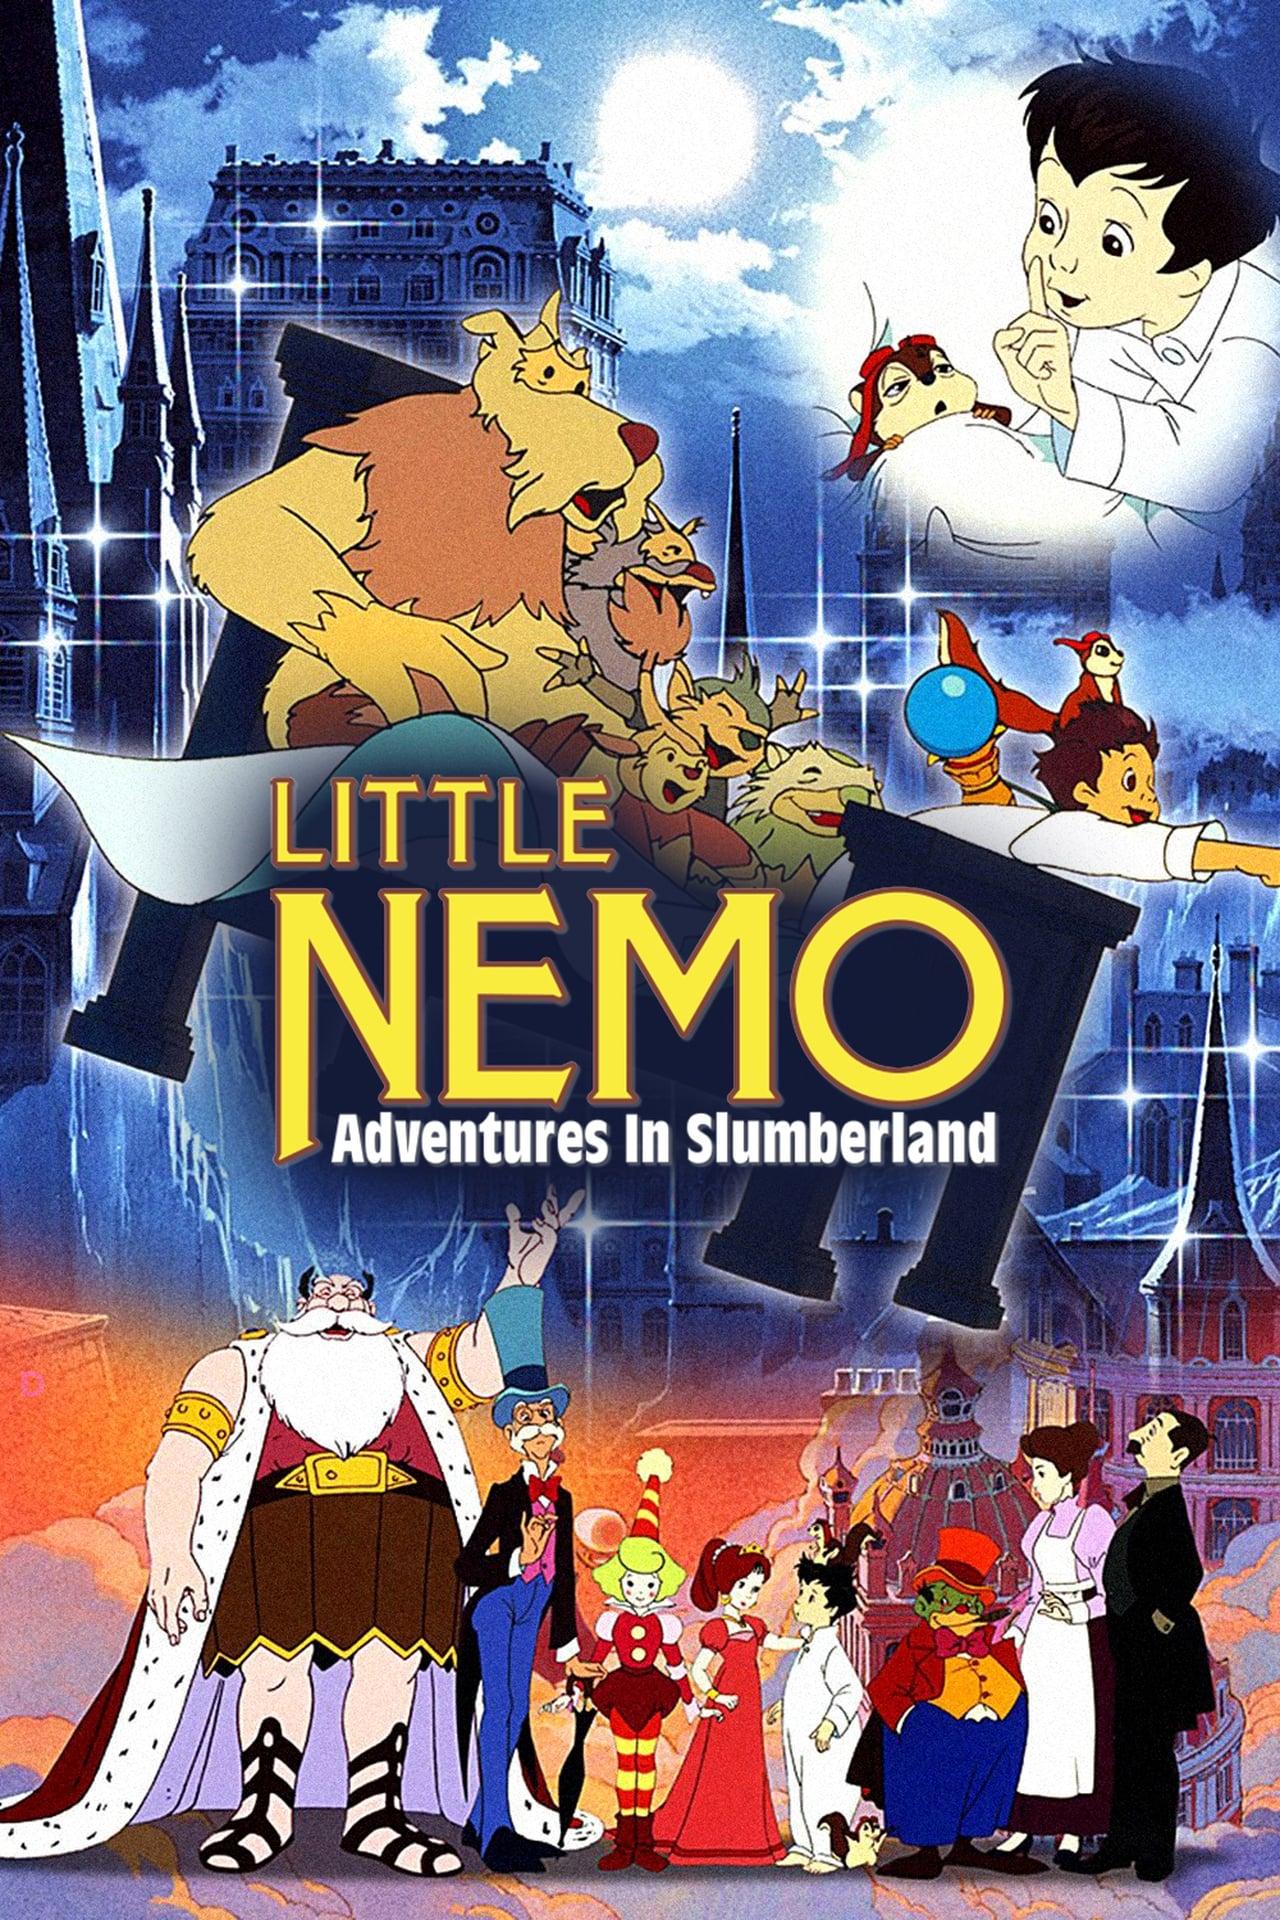 Little Nemo: Adventures in Slumberland (1989)